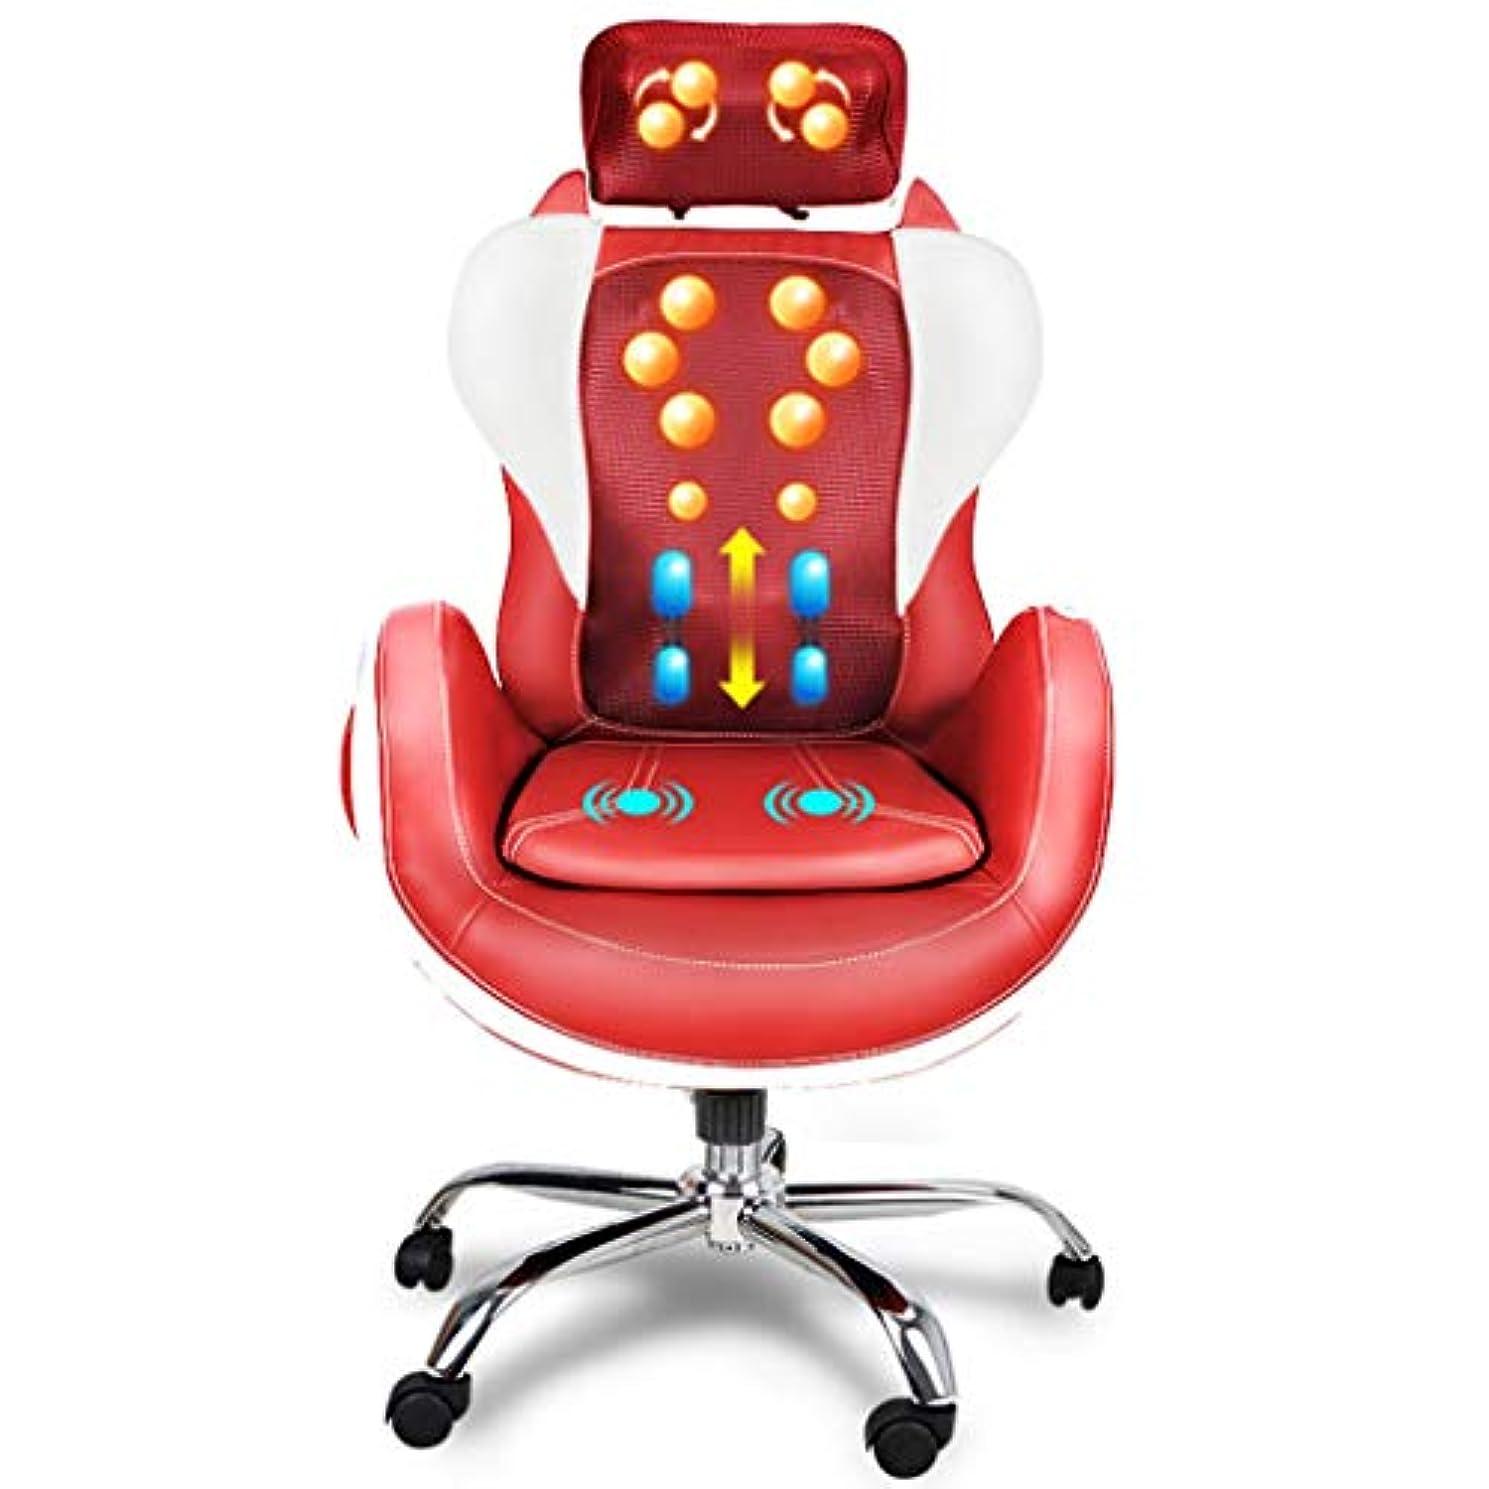 早い一掃する誕生日フル 体 ケア 贅沢な 熱 オフィス Eletric マッサージ 椅子 体 マッサージ 椅子 コンピュータチェア 回転椅子 多機能 マッサージ器。 MAG.AL,Red